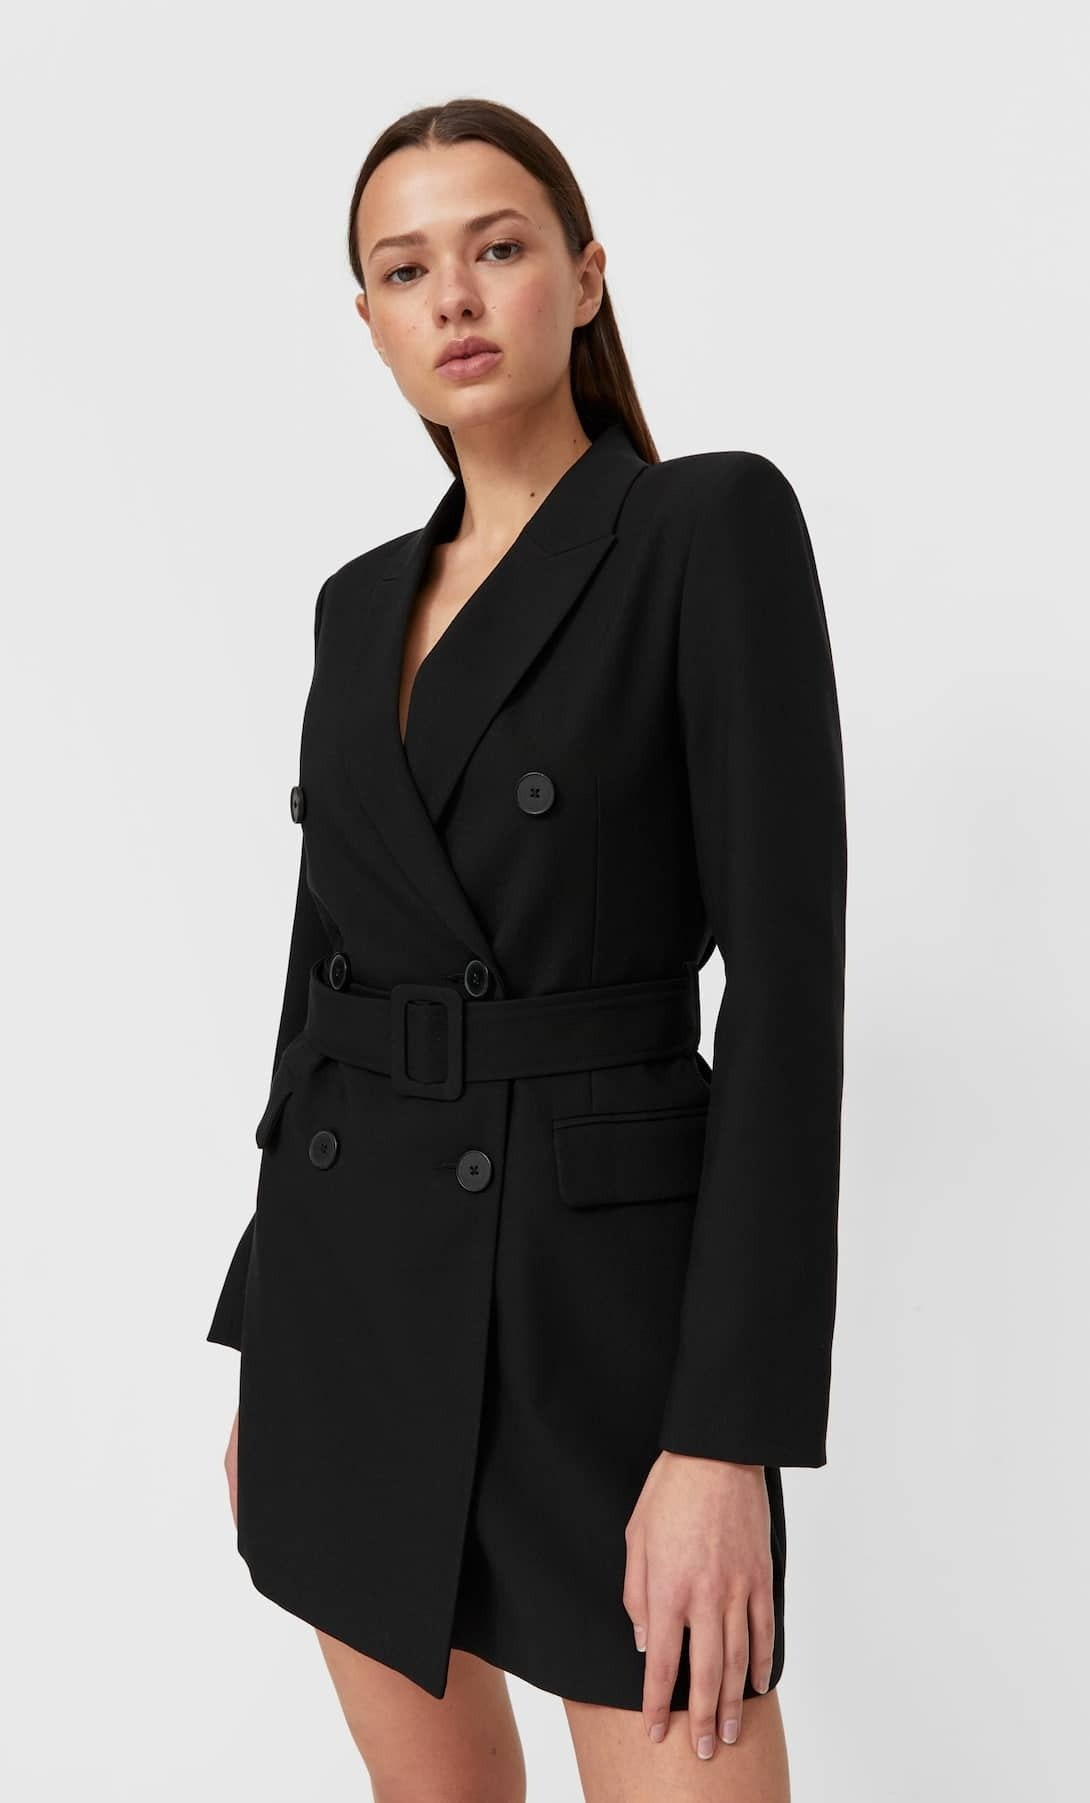 mulher com vestido formal preto da Stradivarius